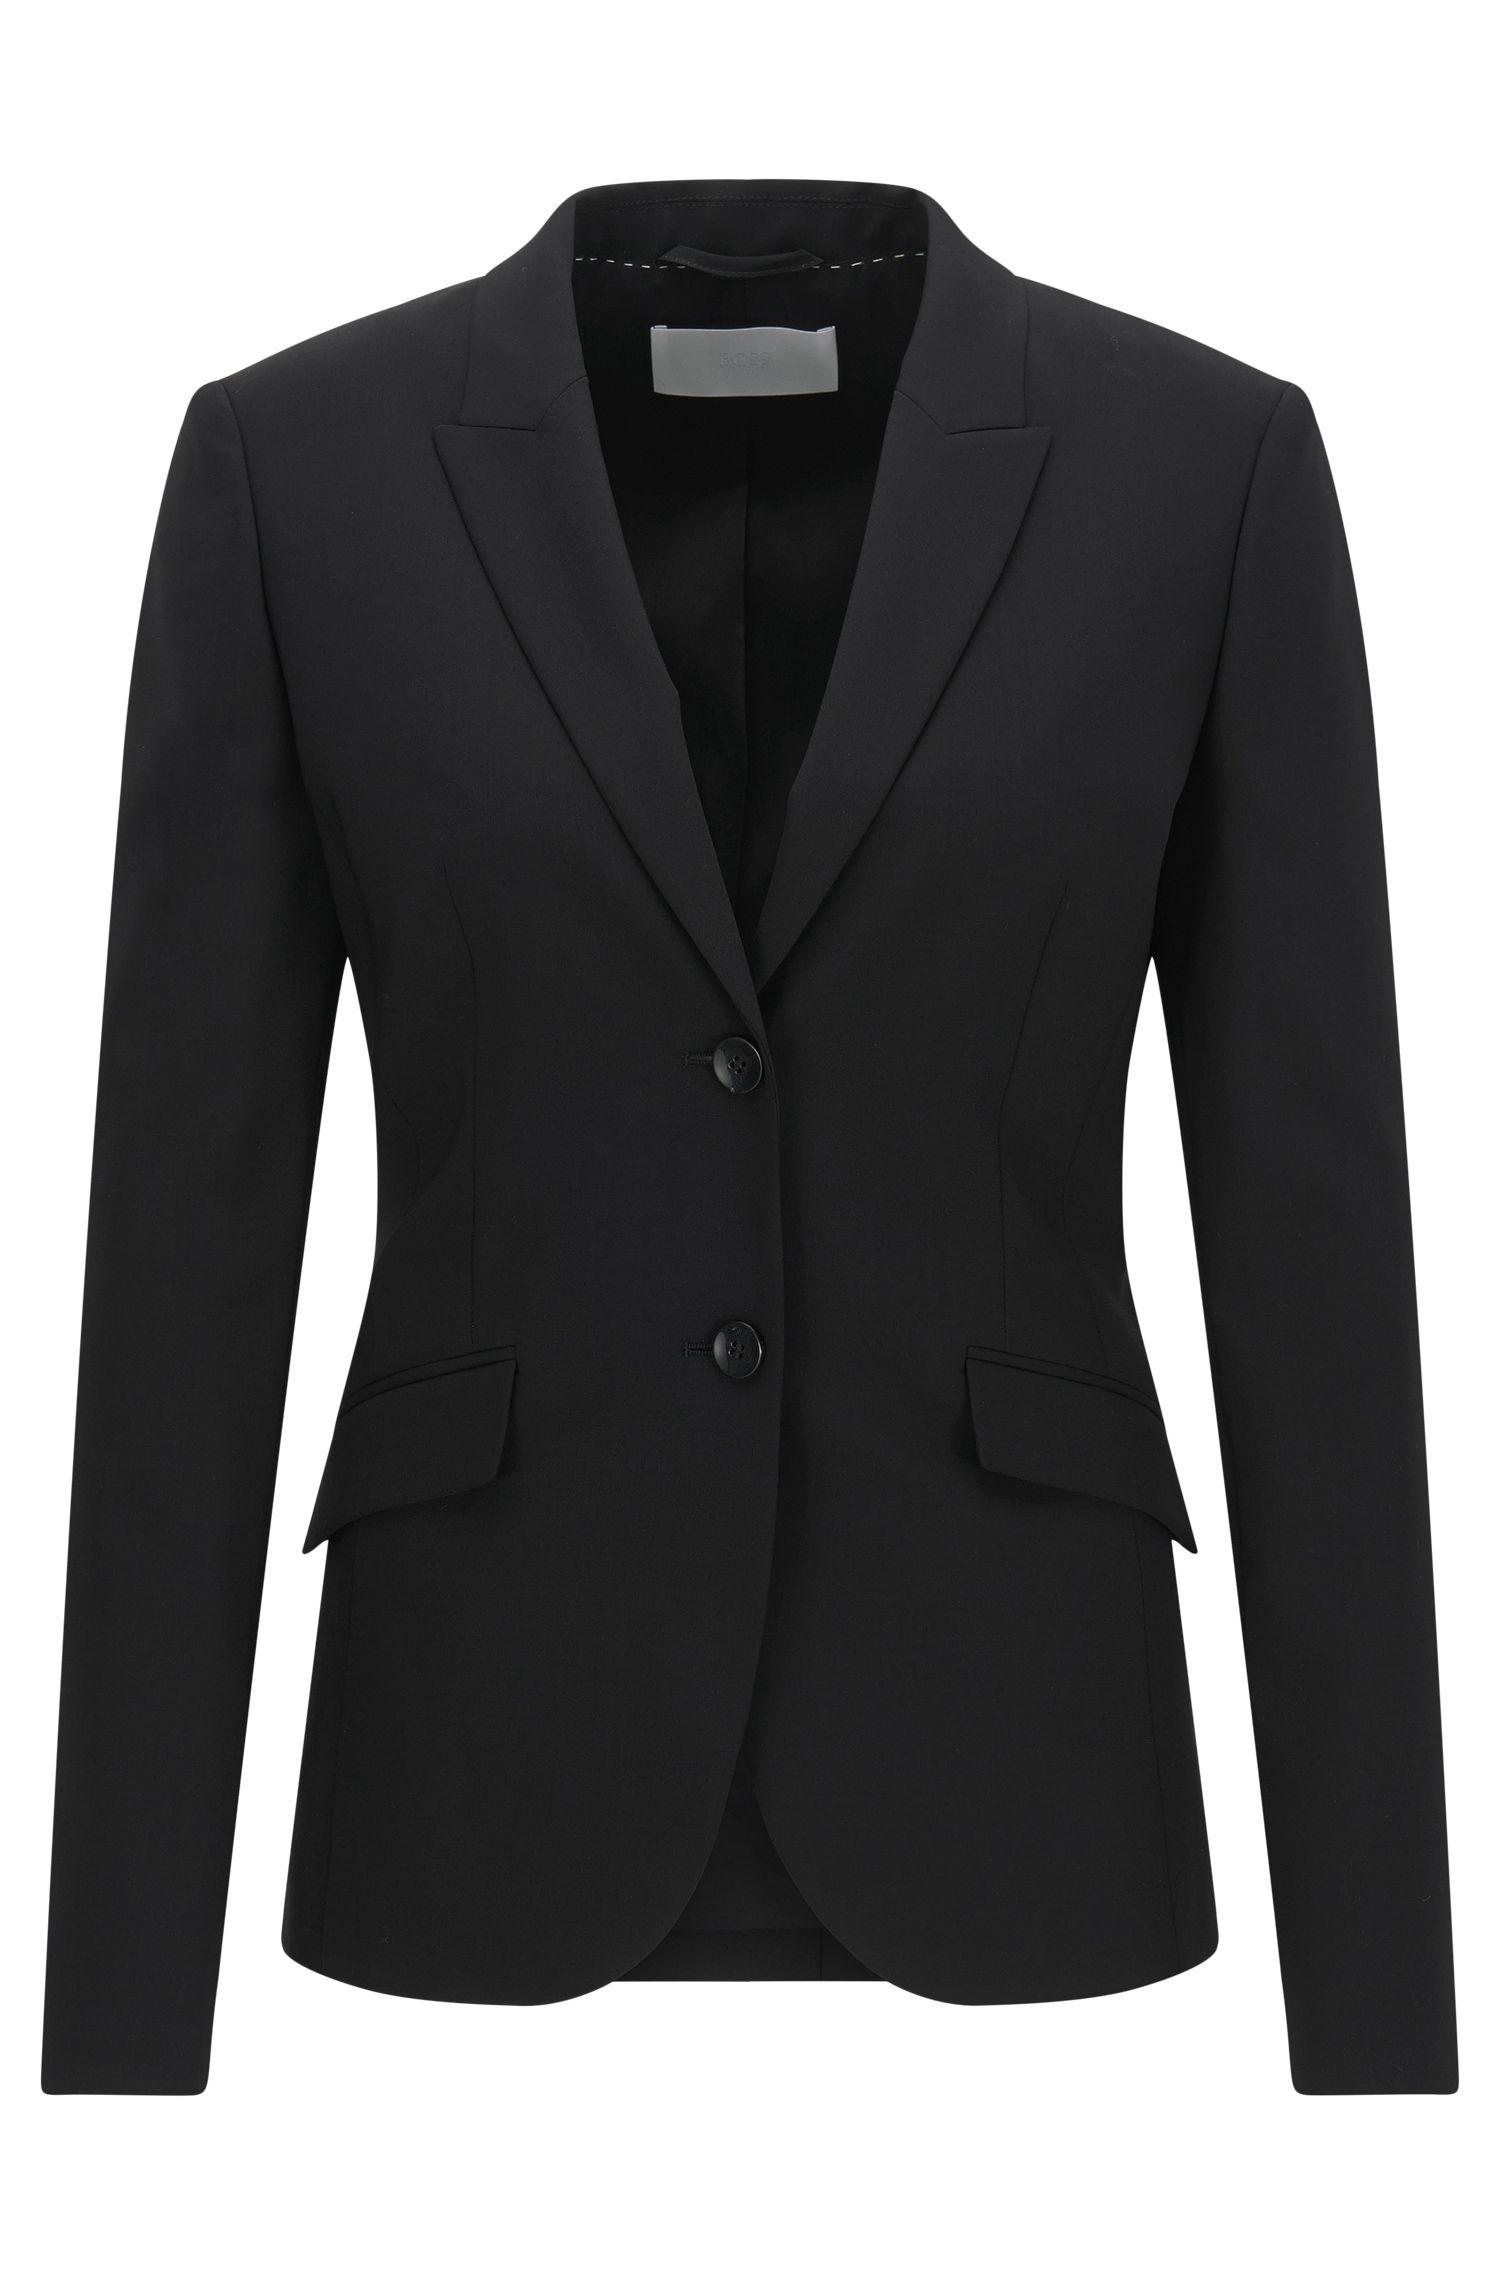 'Julea' | Stretch Virgin Wool Jacket